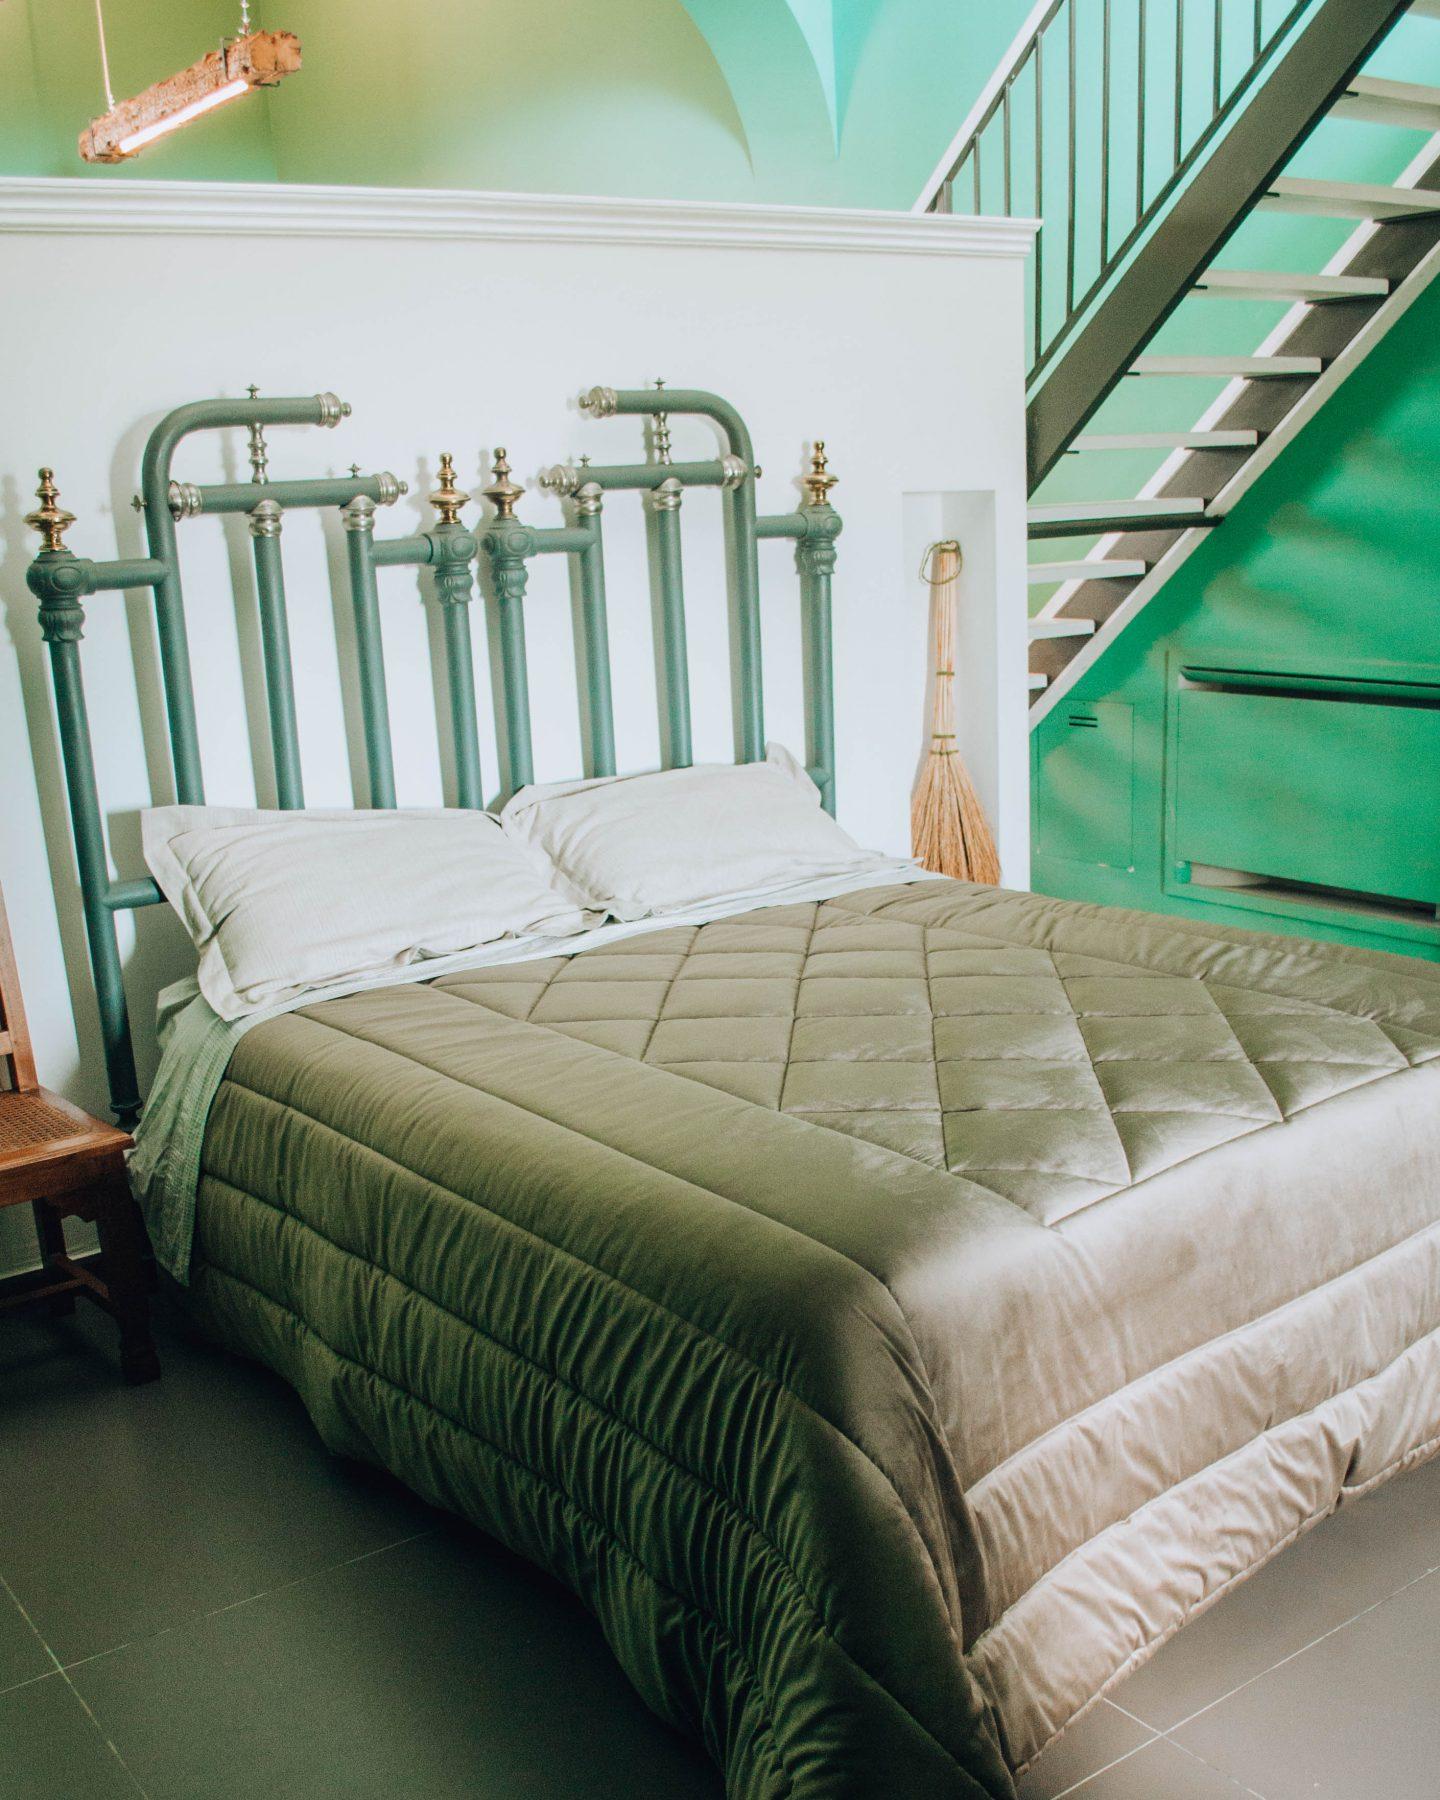 masserie in puglia dove dormire